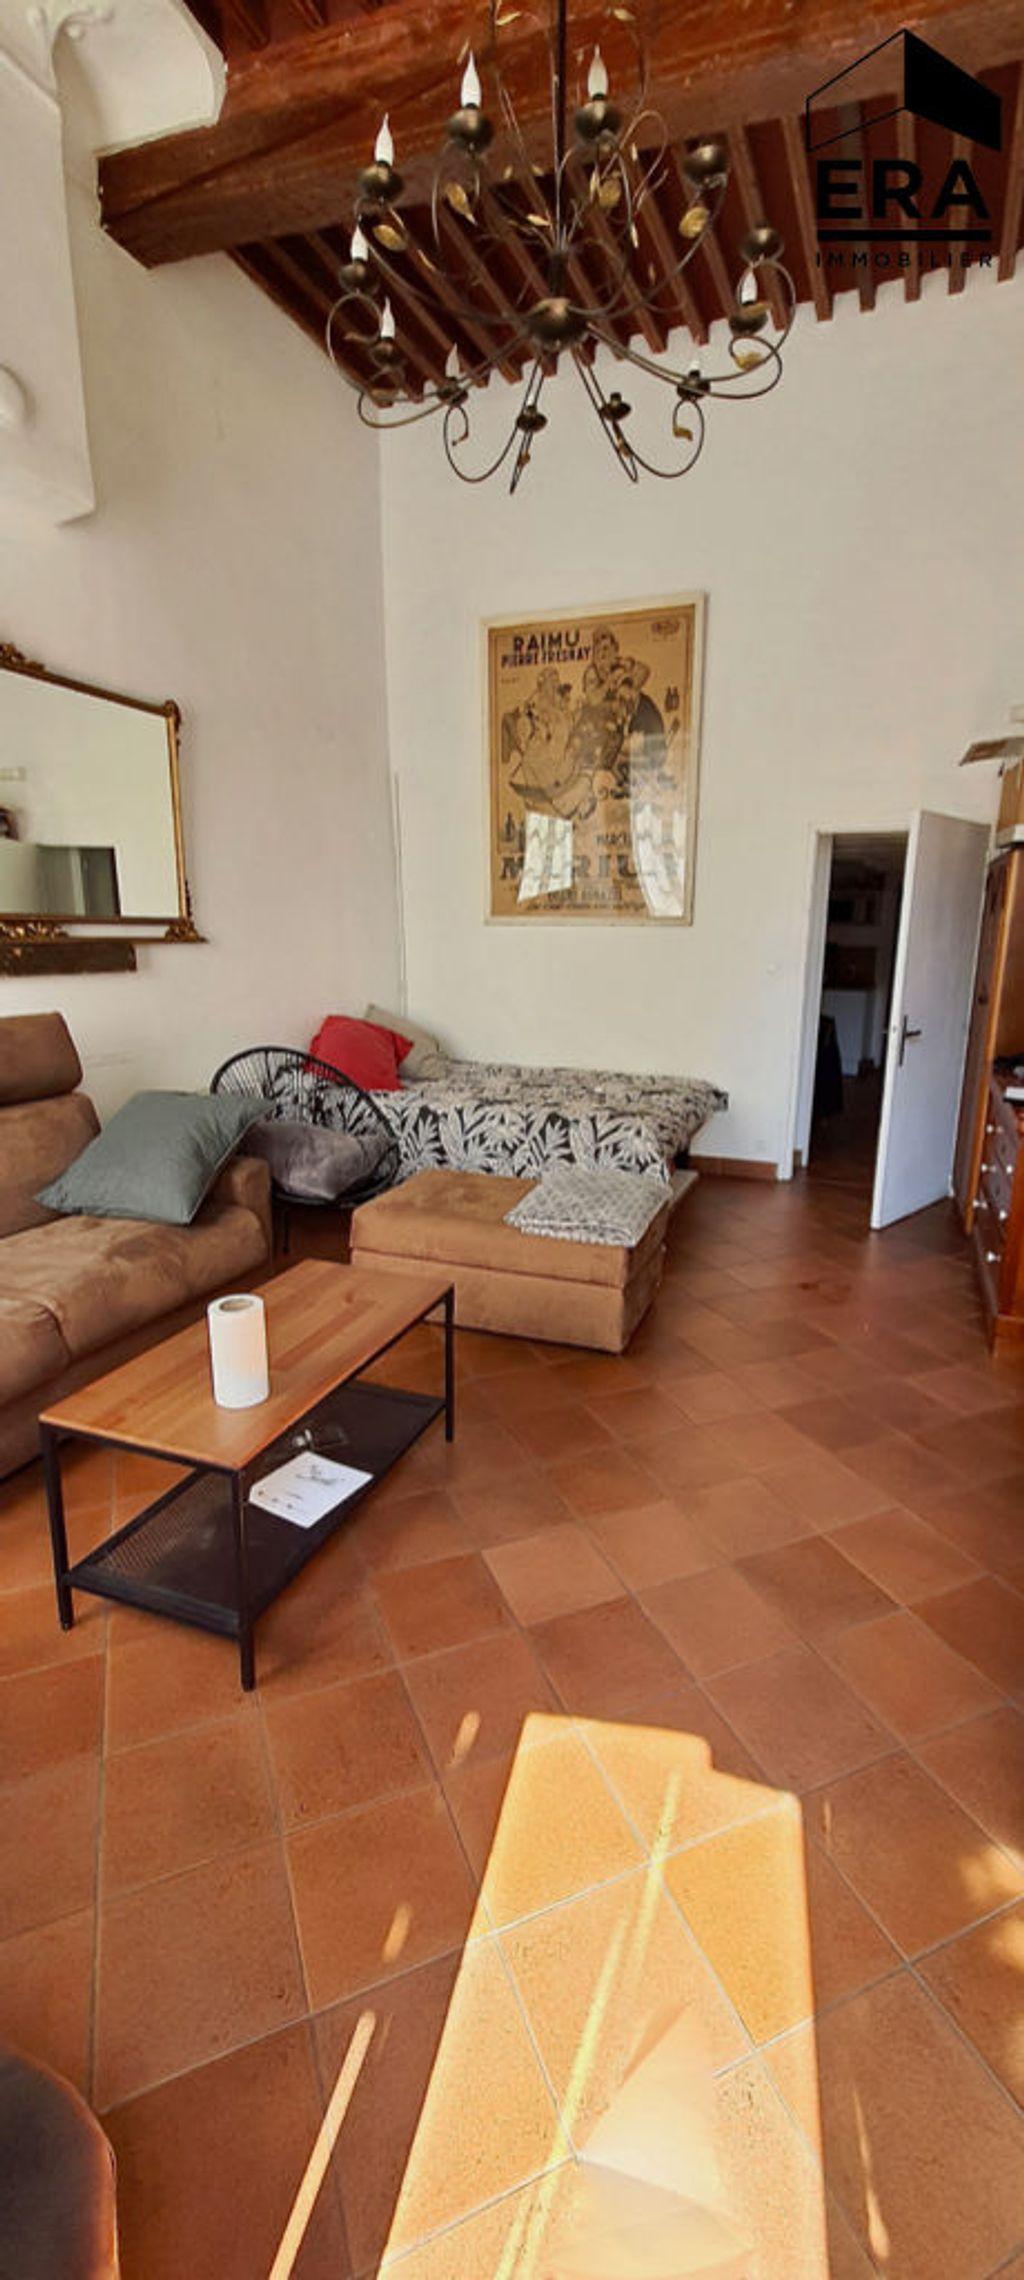 Achat appartement 3pièces 100m² - Marseille 2ème arrondissement